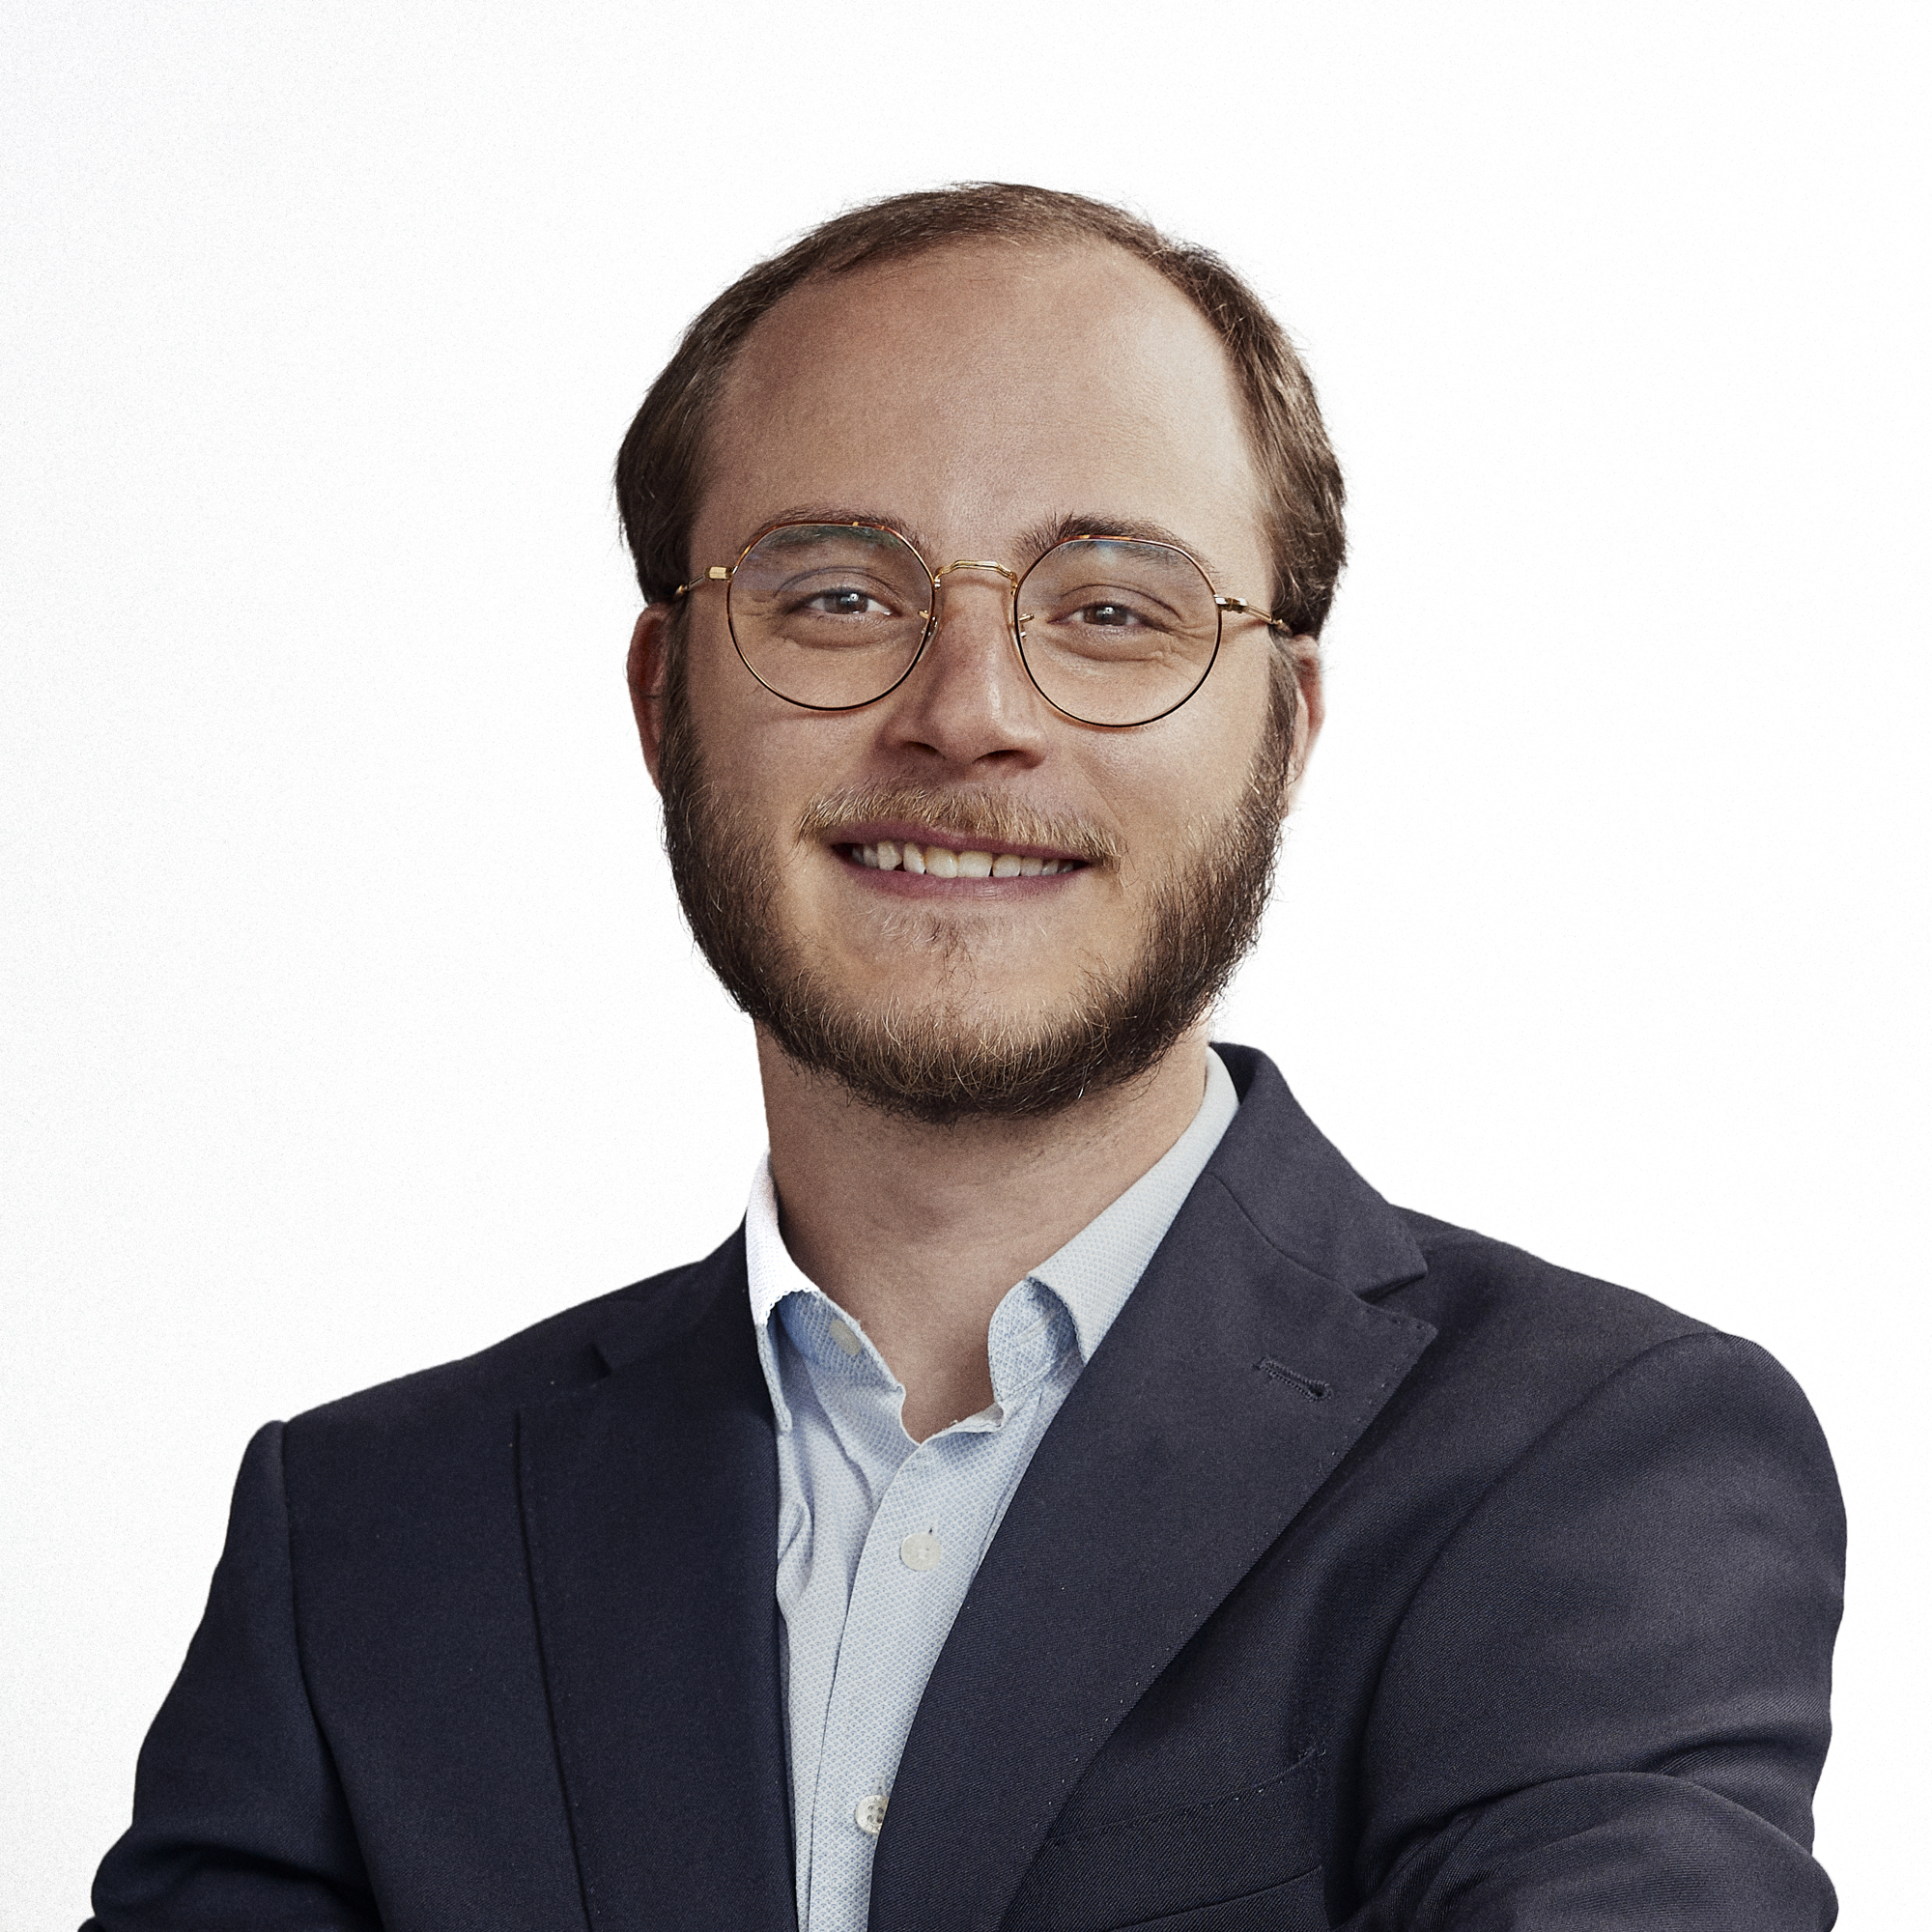 Gauthier Bogaert